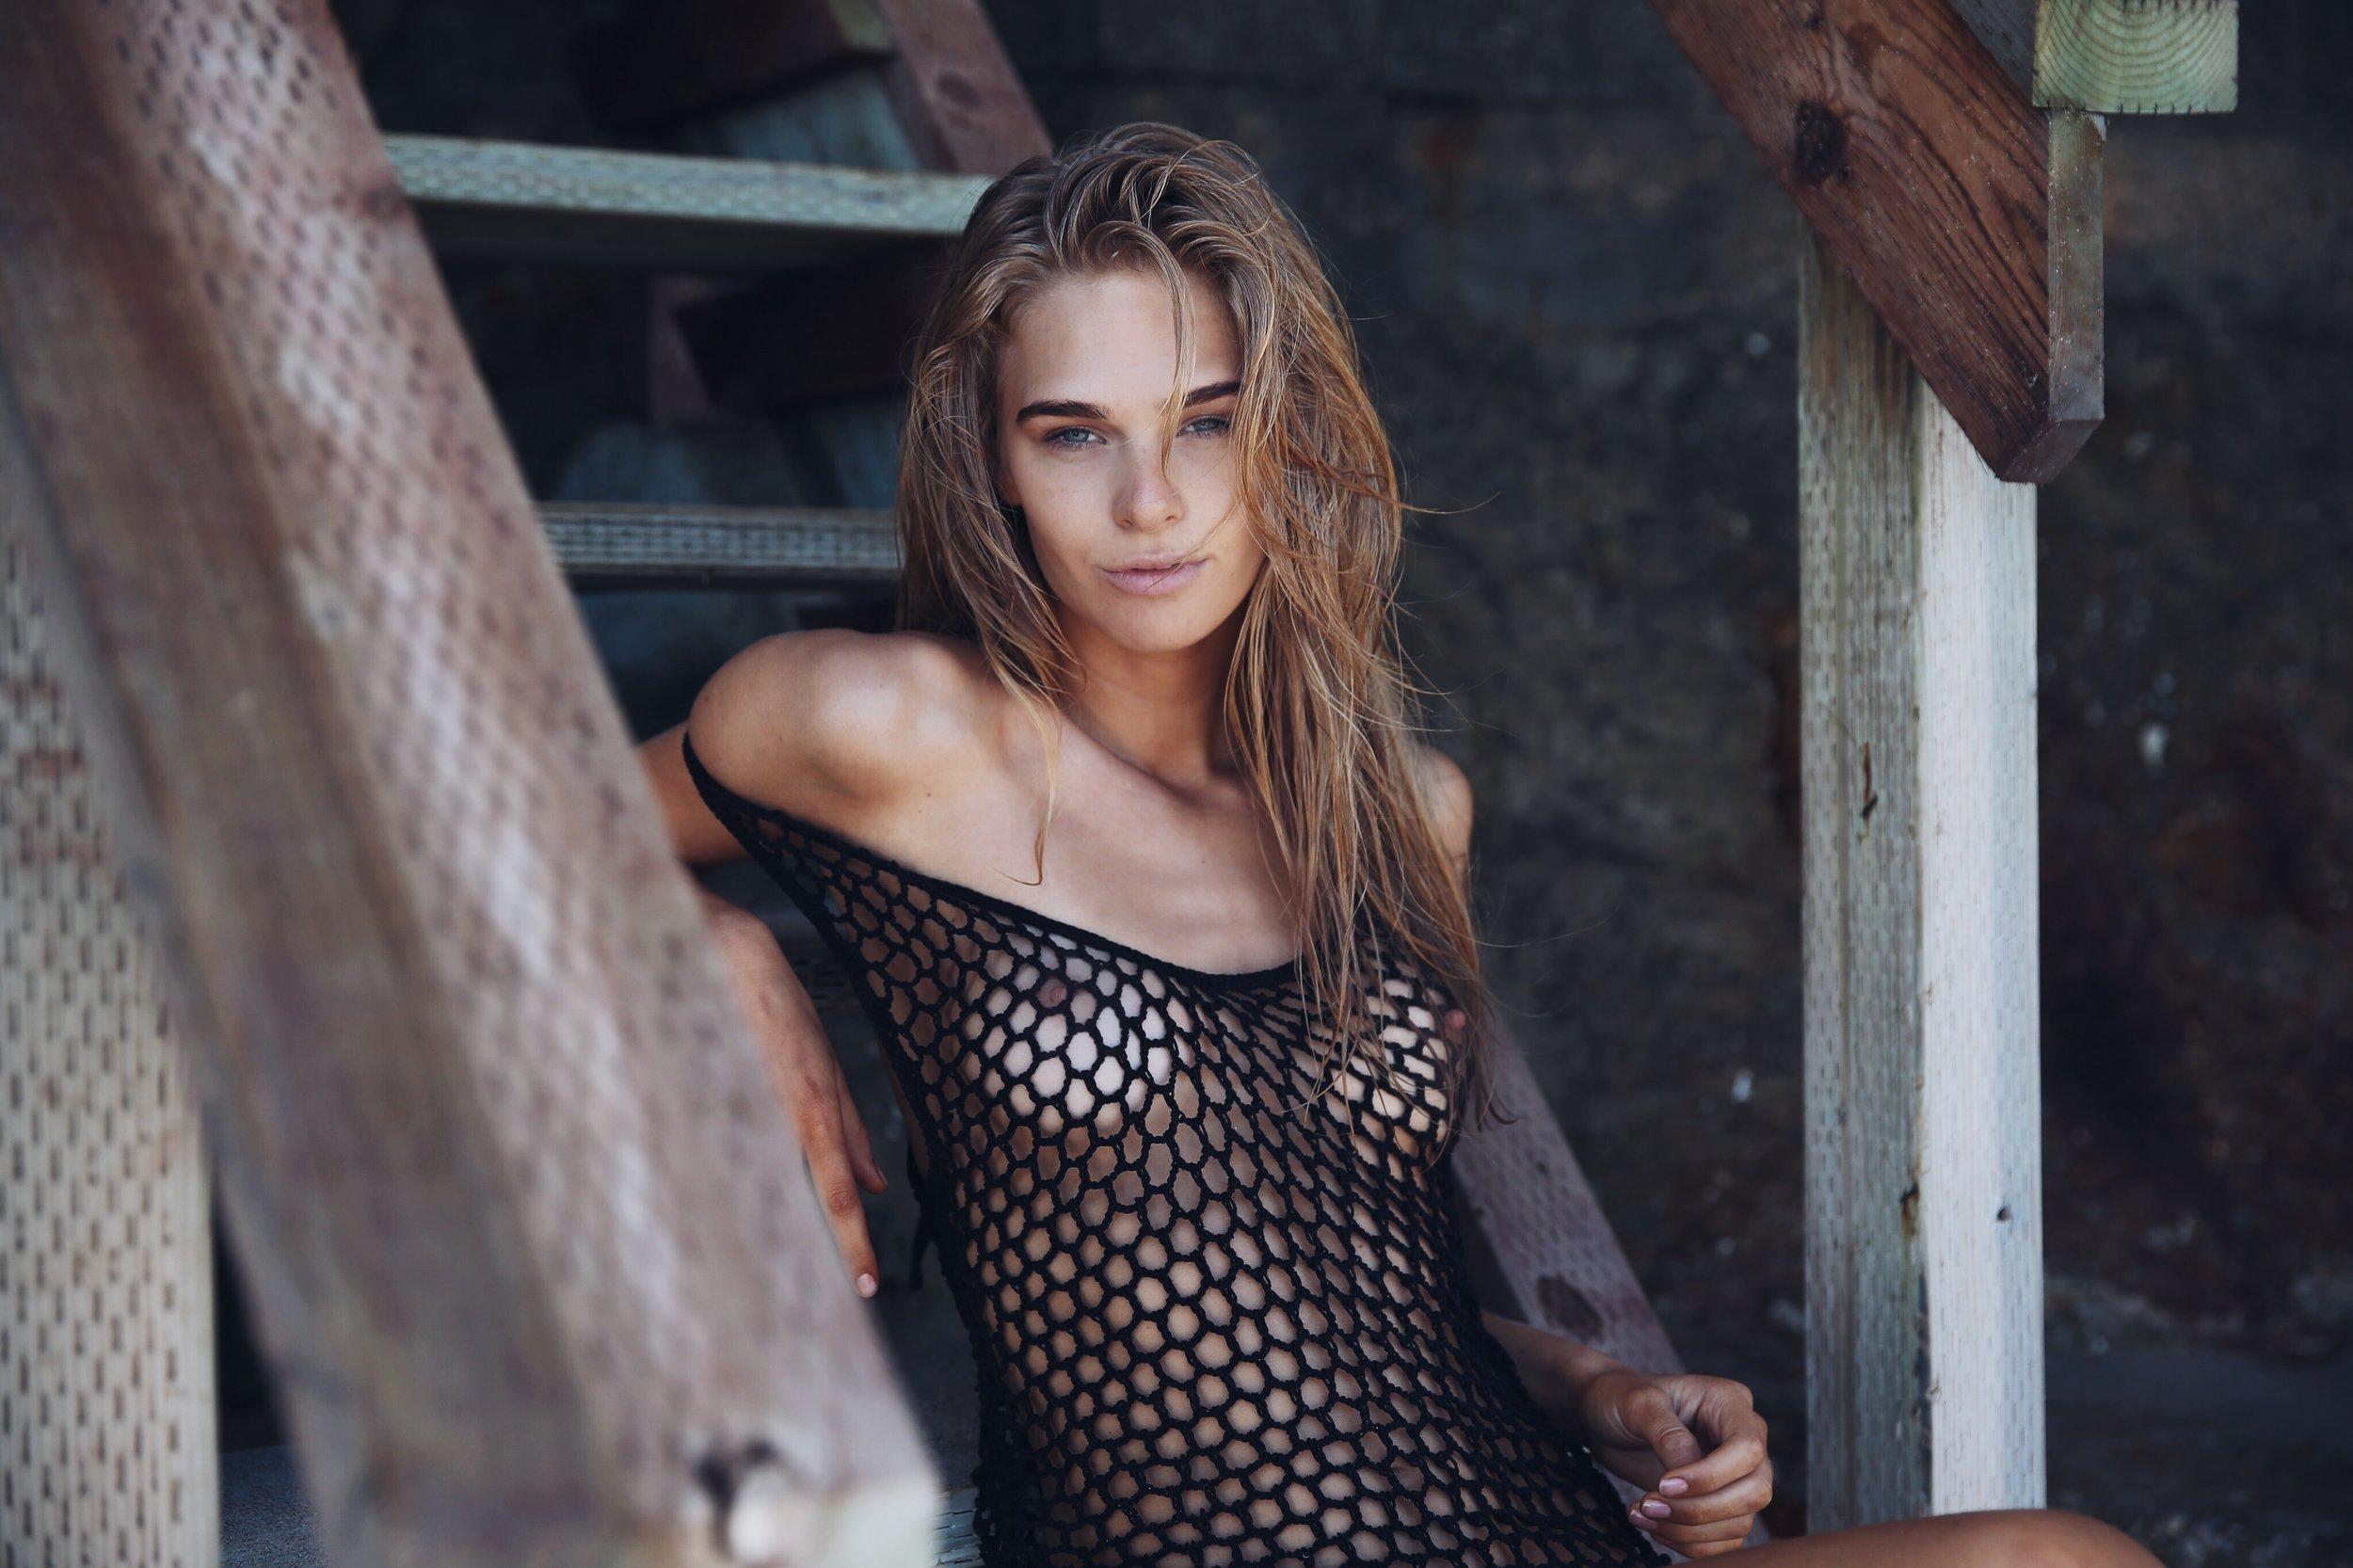 kj-skorge-erotic-model-photoshoot-by-torrey-west-08